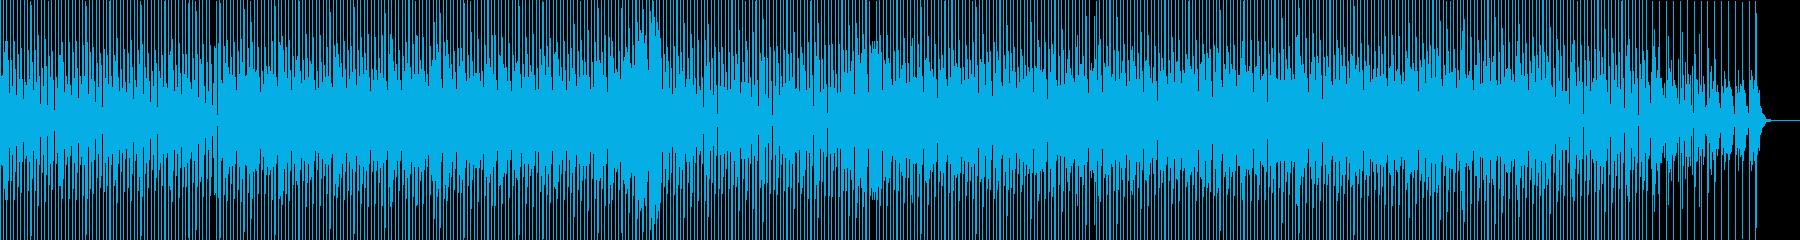 緊張感のあるテクノの再生済みの波形